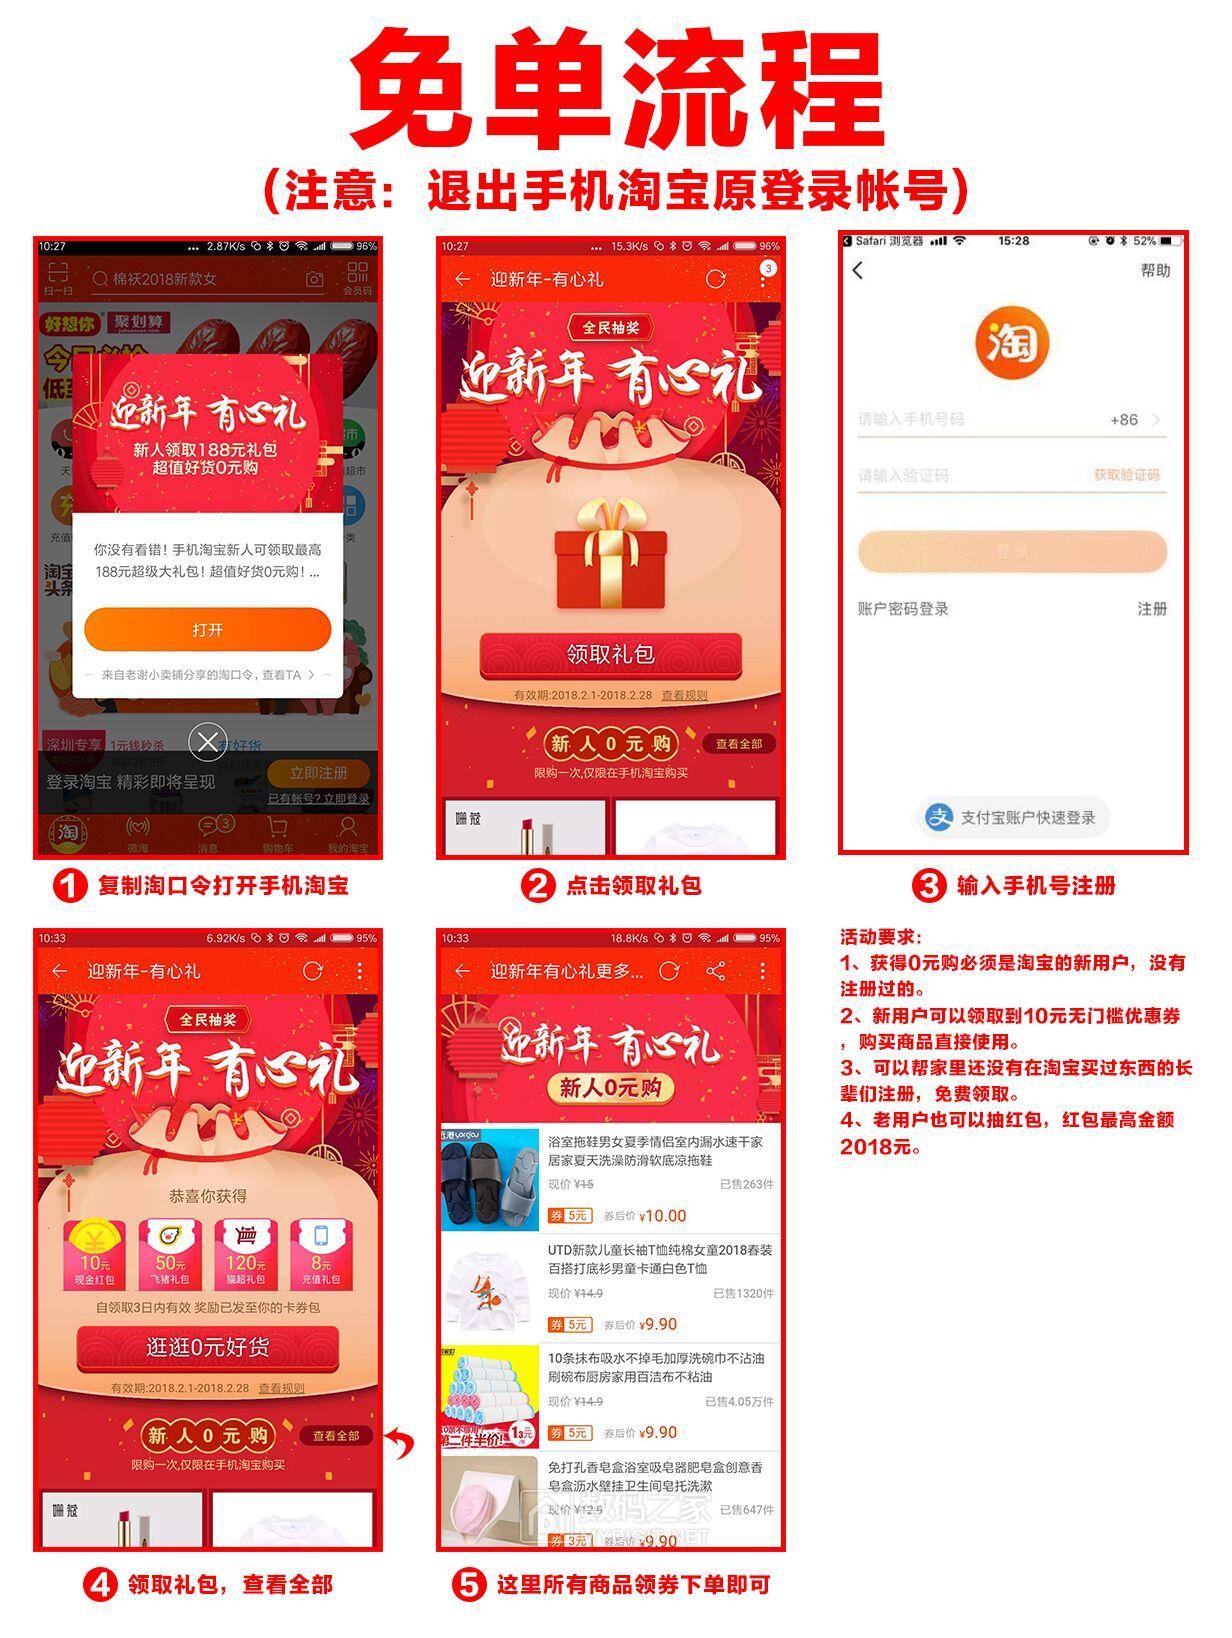 首次使用淘宝app,领取188元淘宝红包.10元内免费